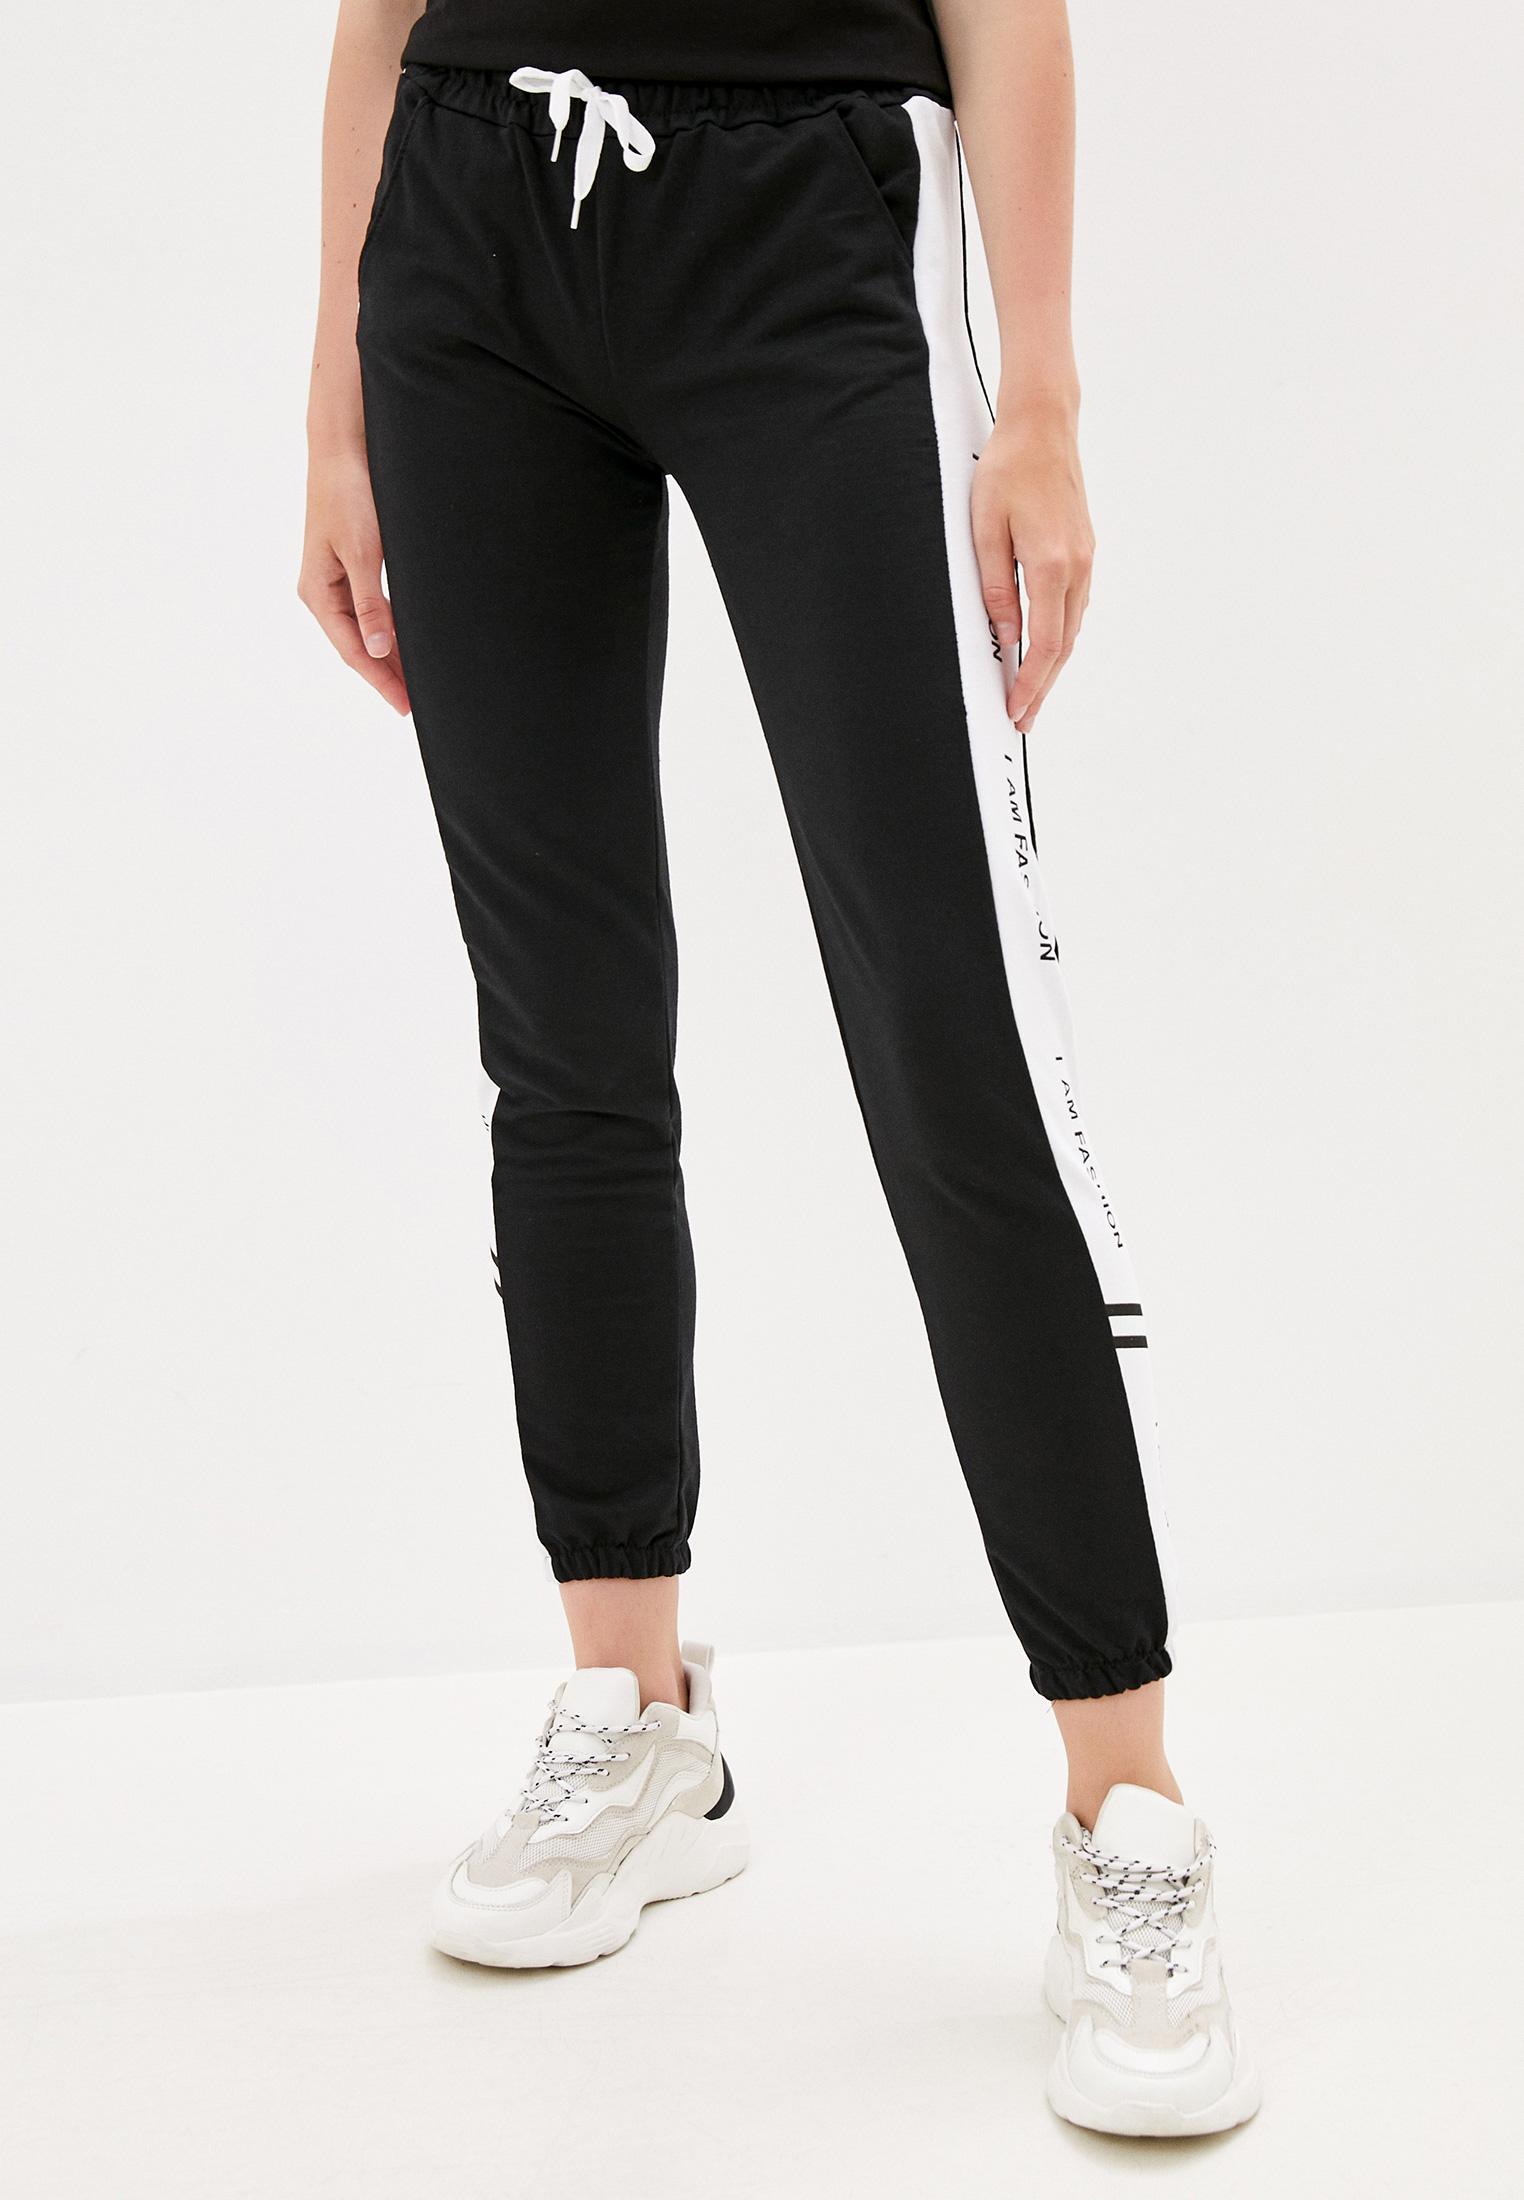 Женские спортивные брюки Pink Frost PF21-BP-CH